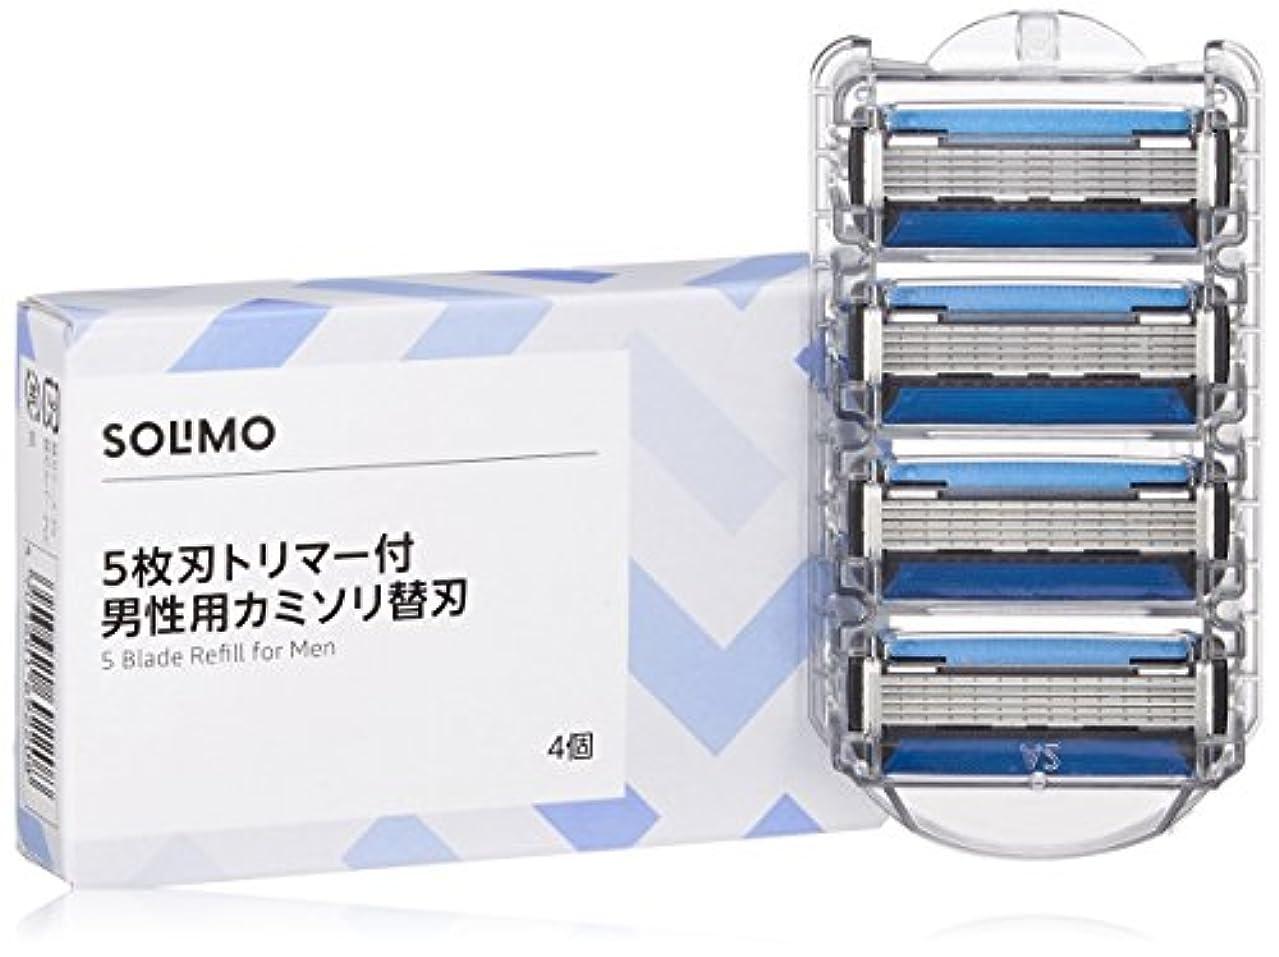 きしむ君主ボックス[Amazonブランド]SOLIMO 5枚刃 トリマー付 男性用 カミソリ替刃4個